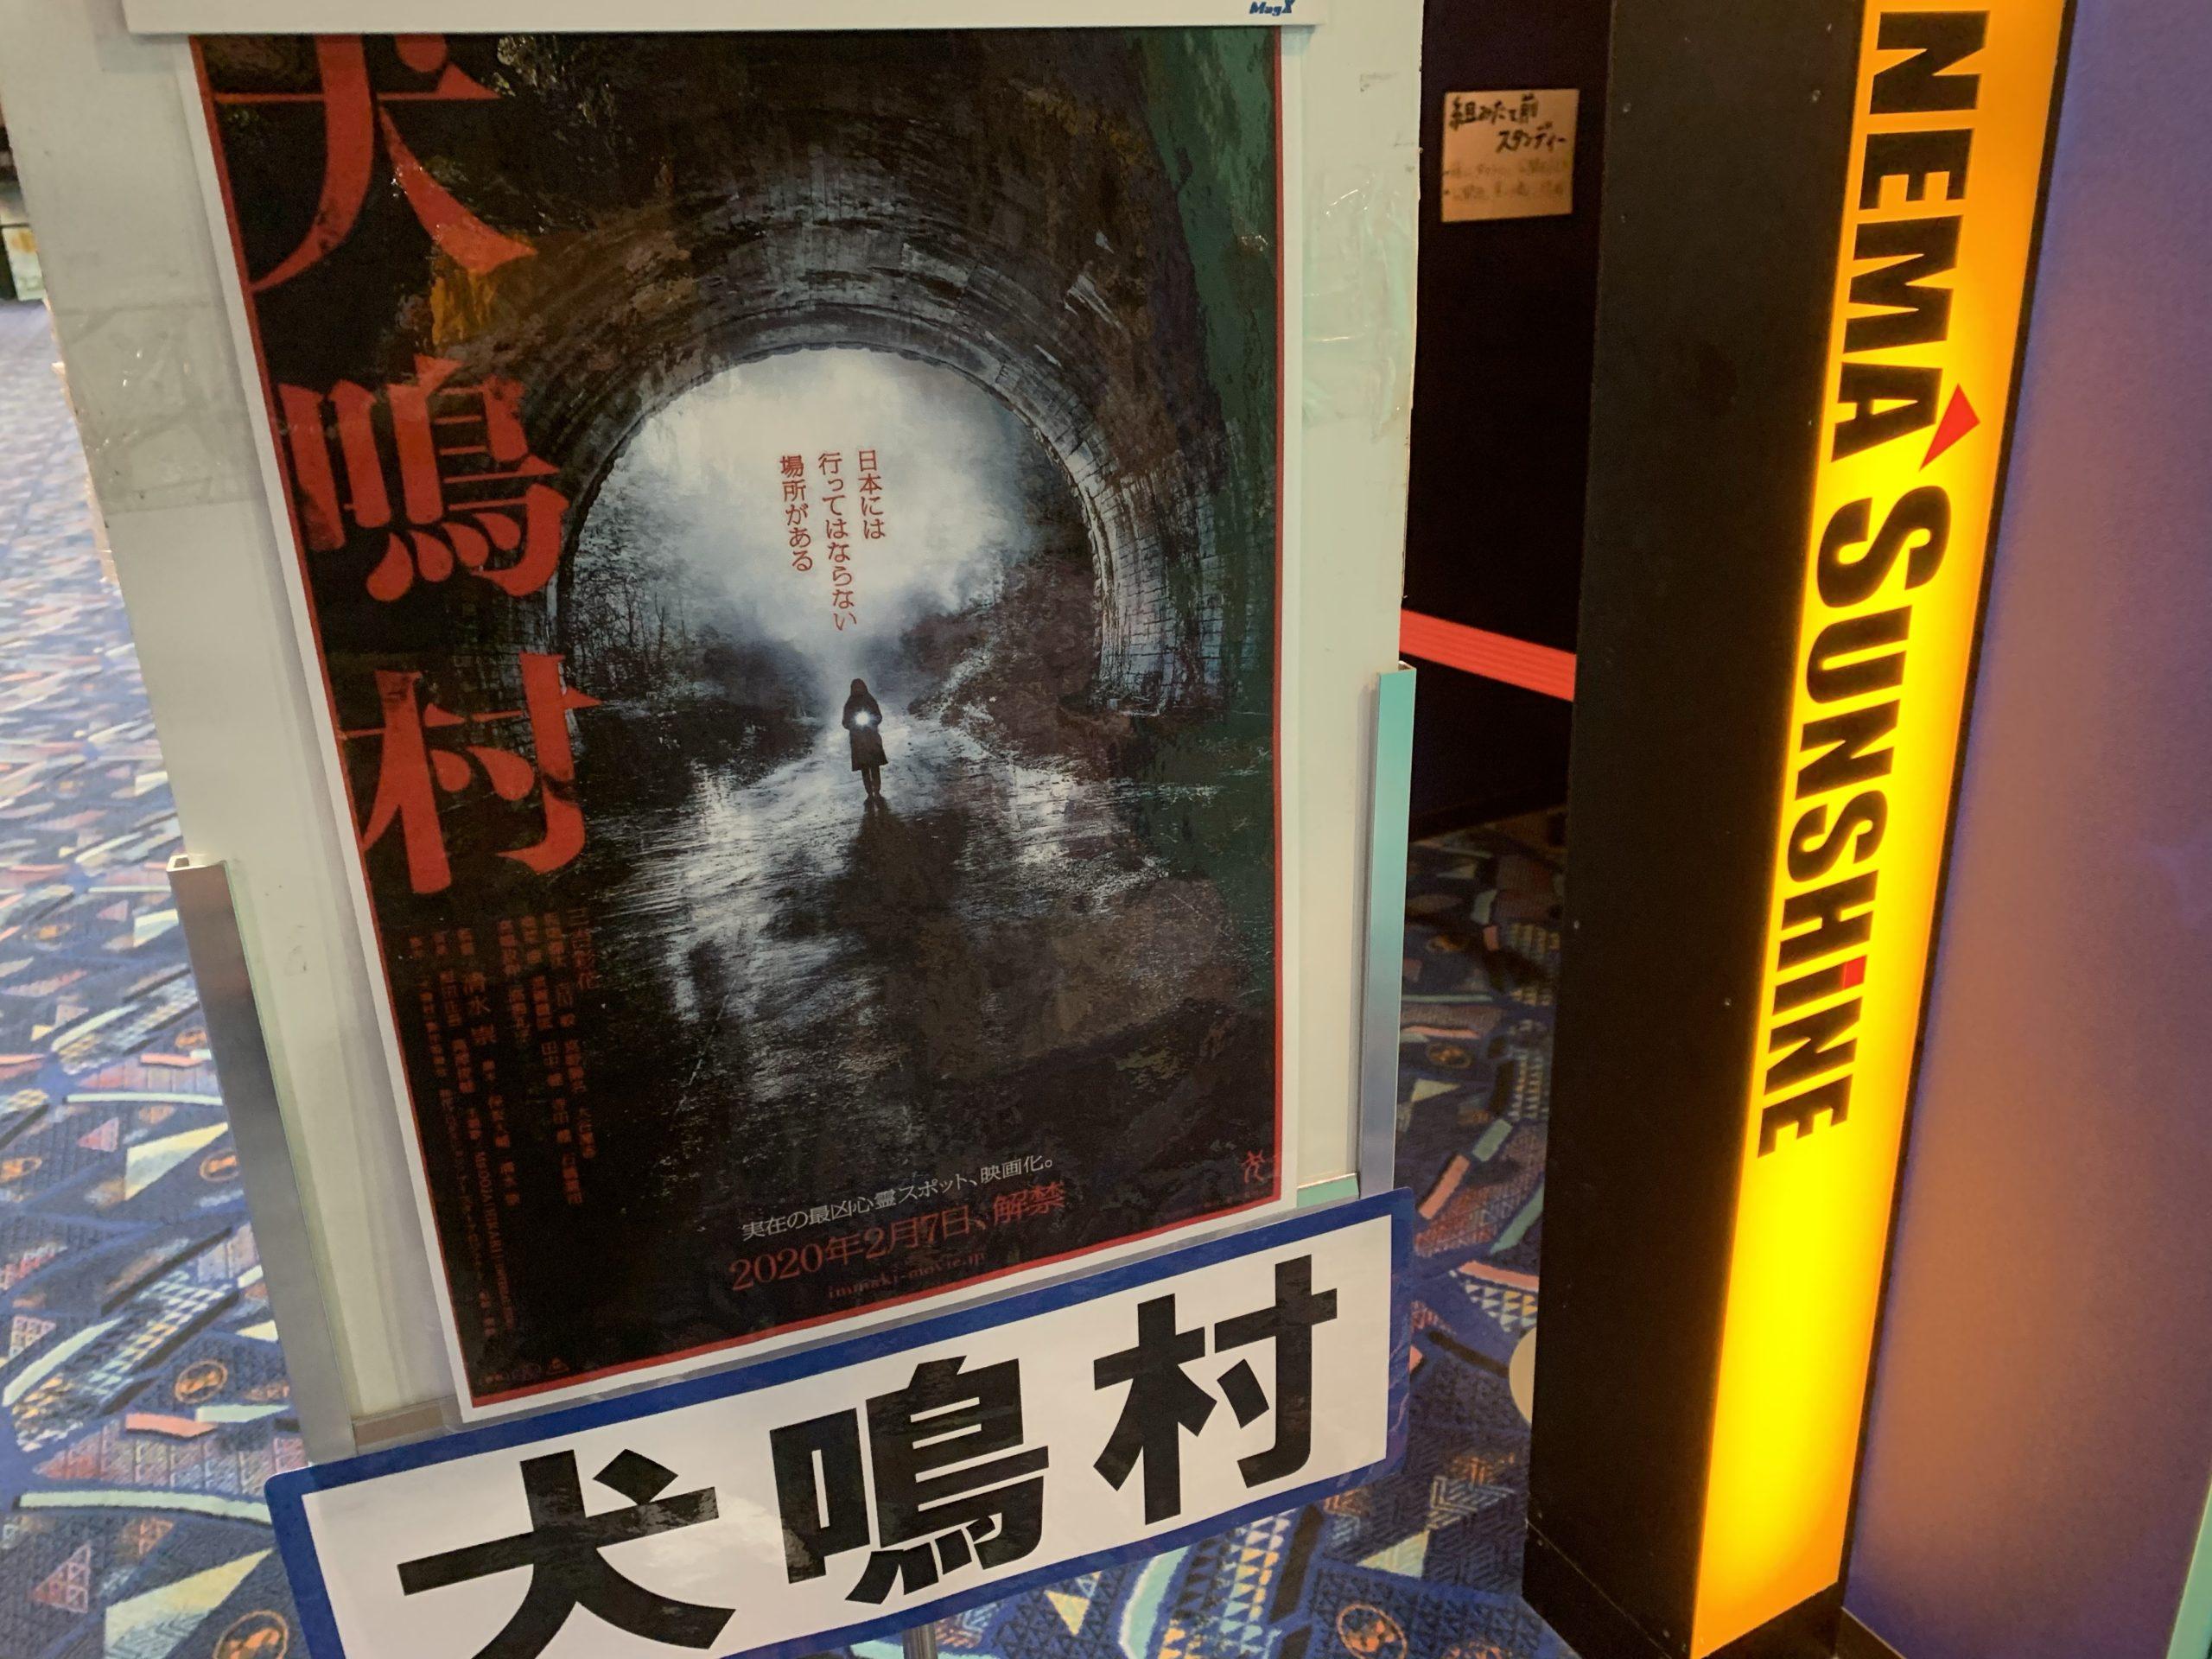 村 ポスター 犬鳴 映画『樹海村』ポスターをよく見ると…? 『犬鳴村』に続くニューフェイスに注目